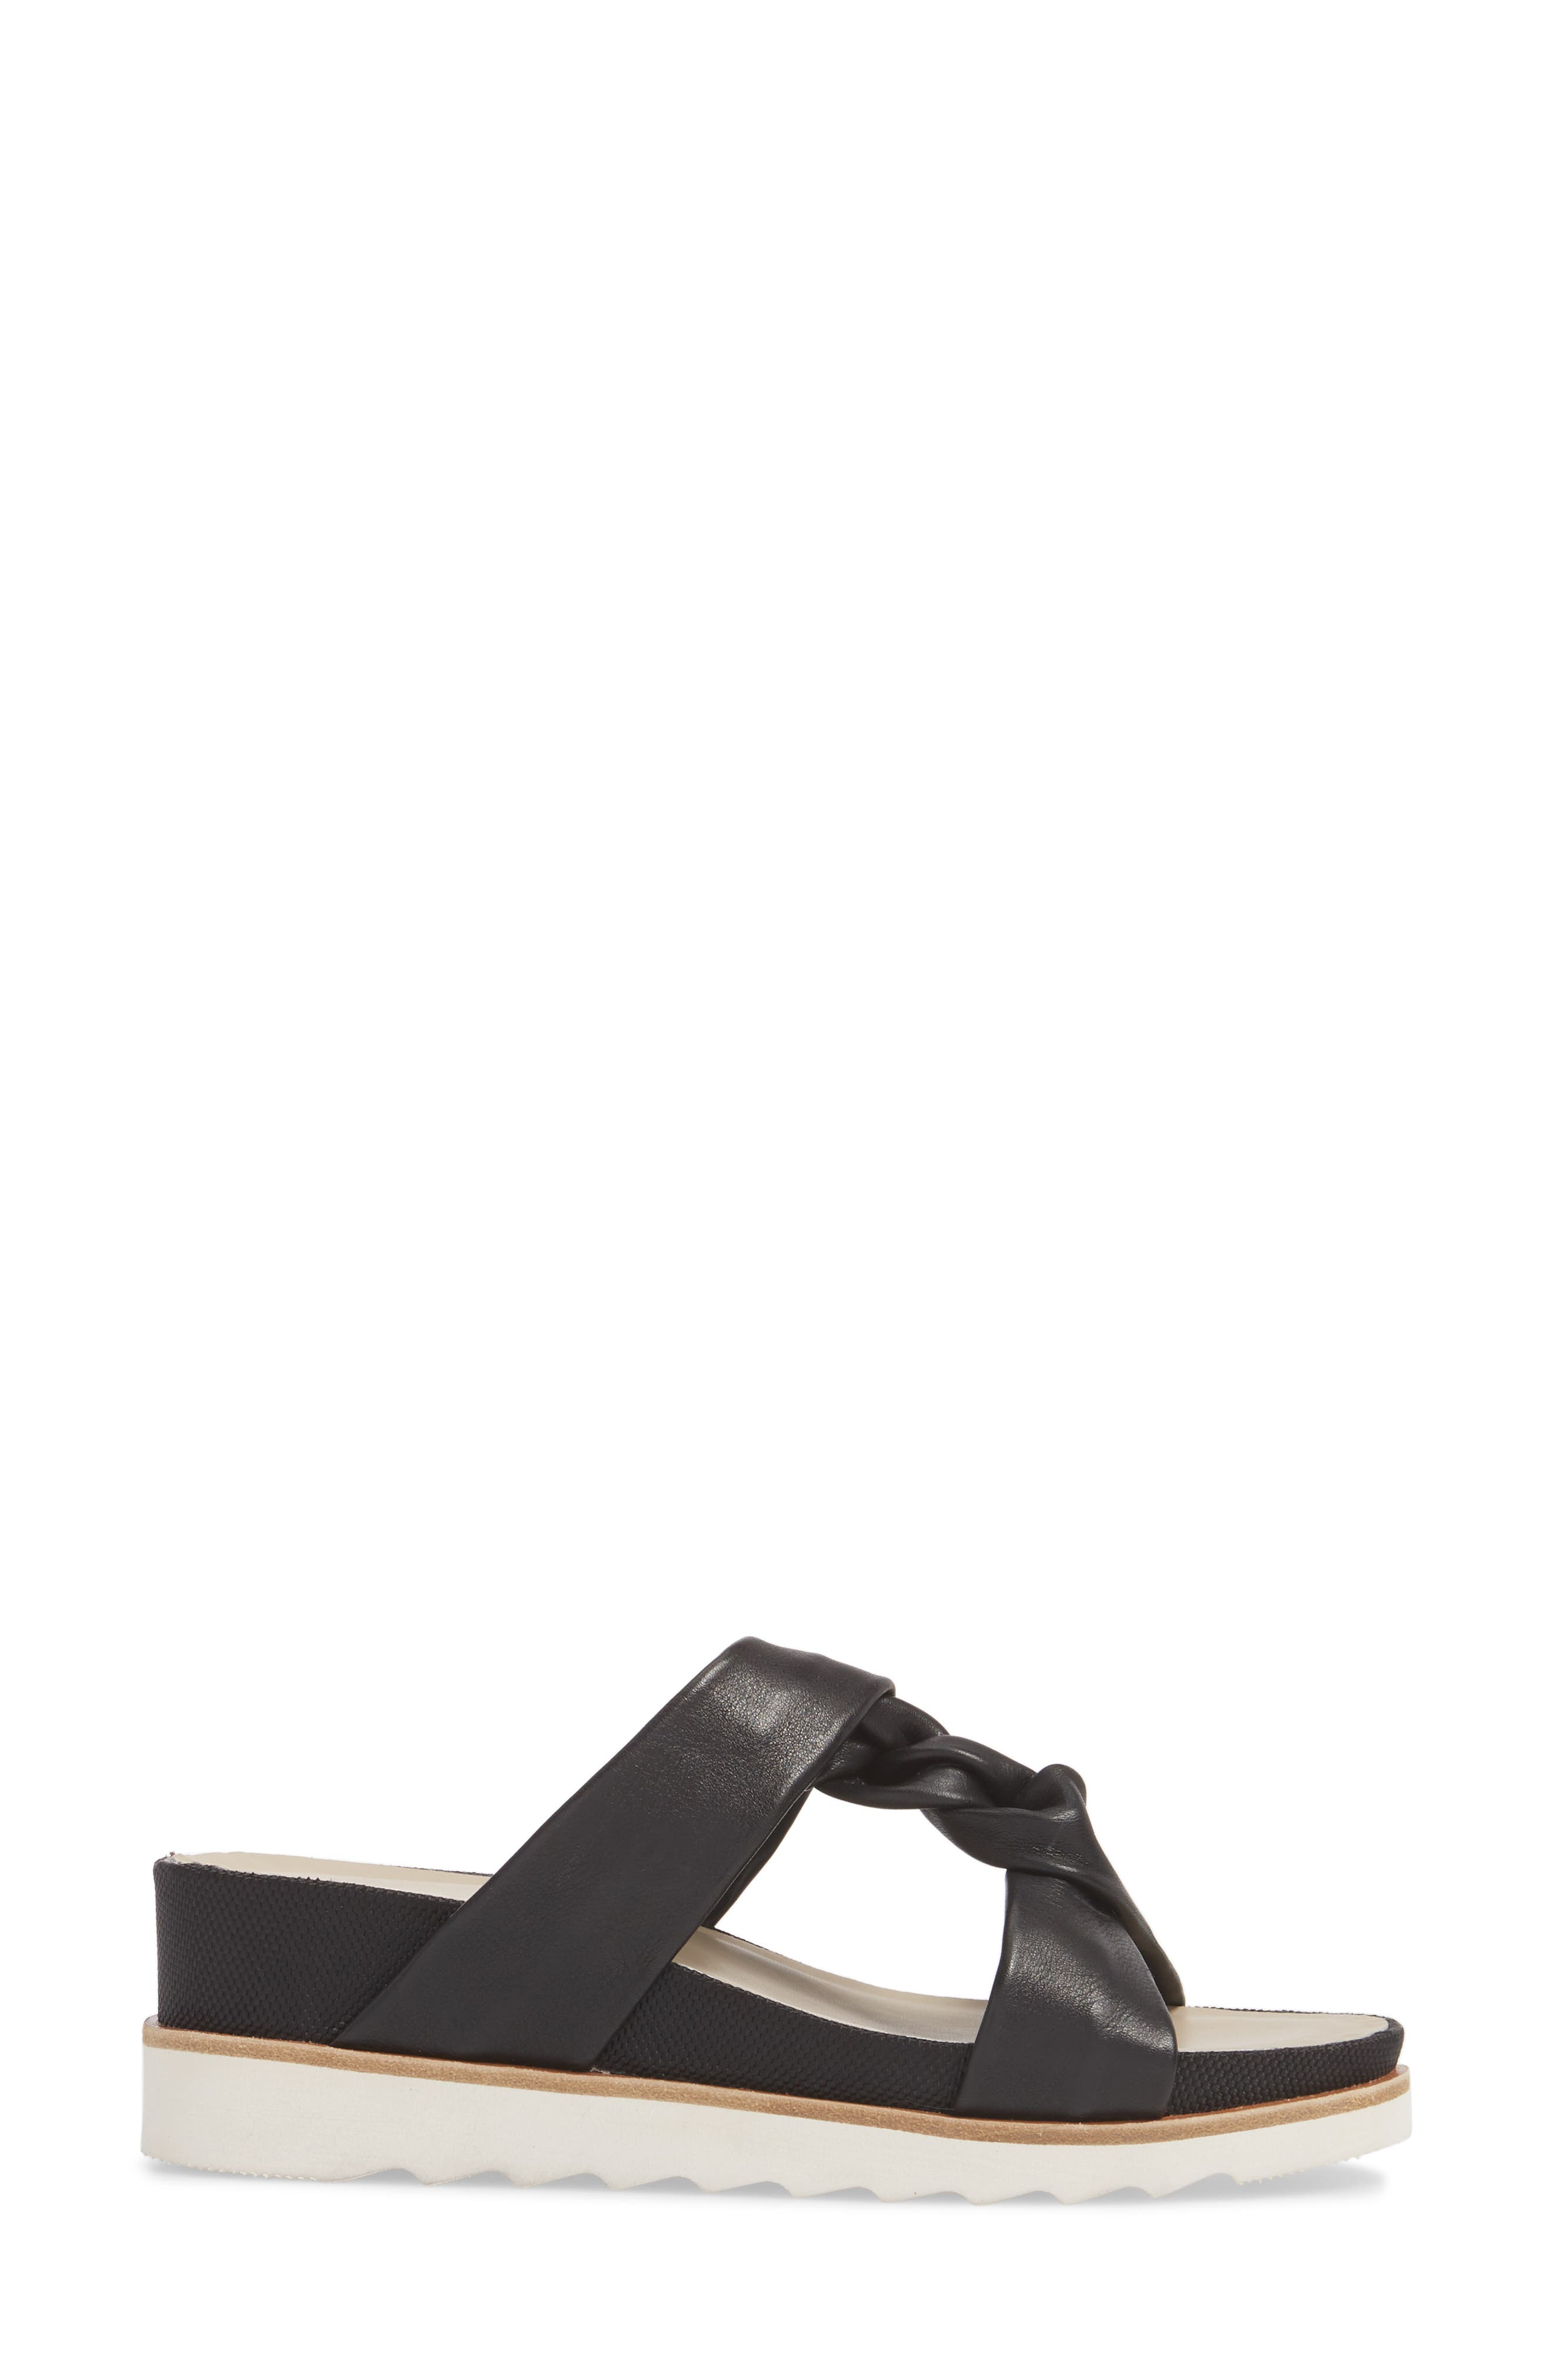 Ginger Slide Sandal,                             Alternate thumbnail 3, color,                             Black Leather